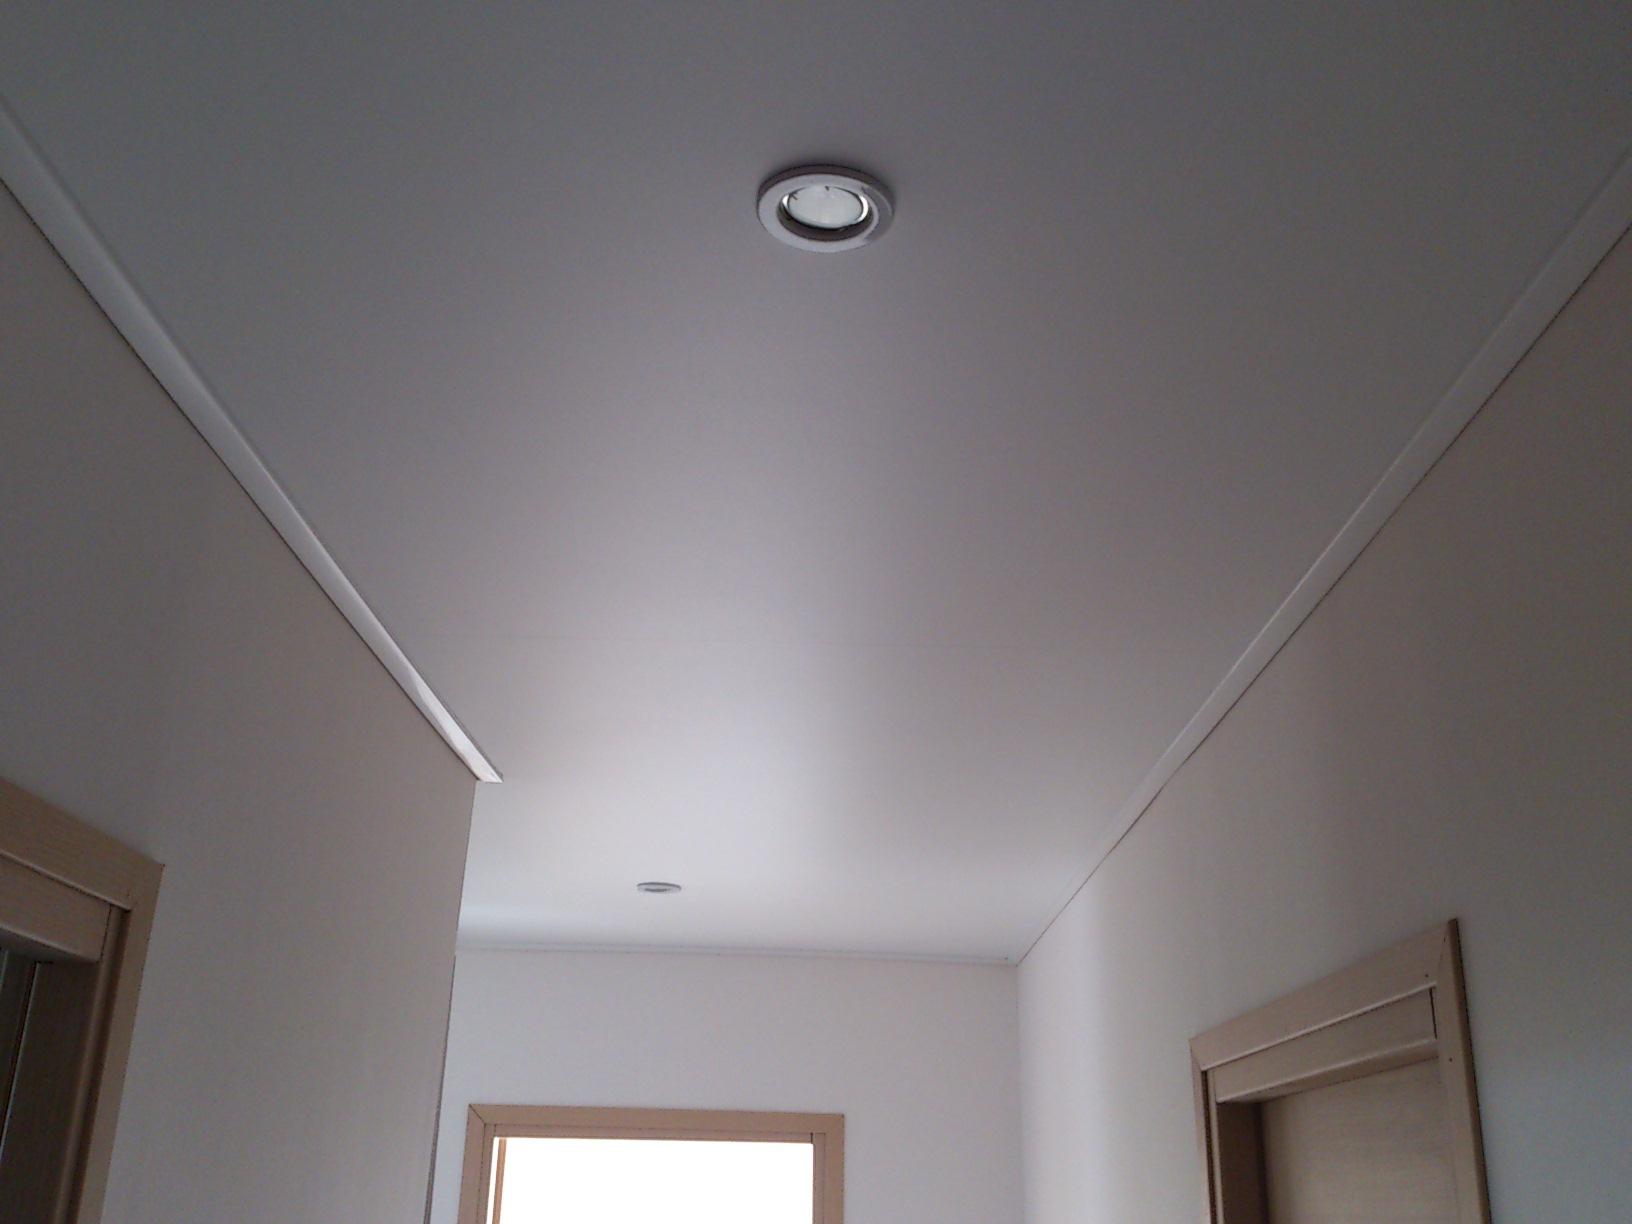 Матовый потолок в современном дизайне (26 фото)